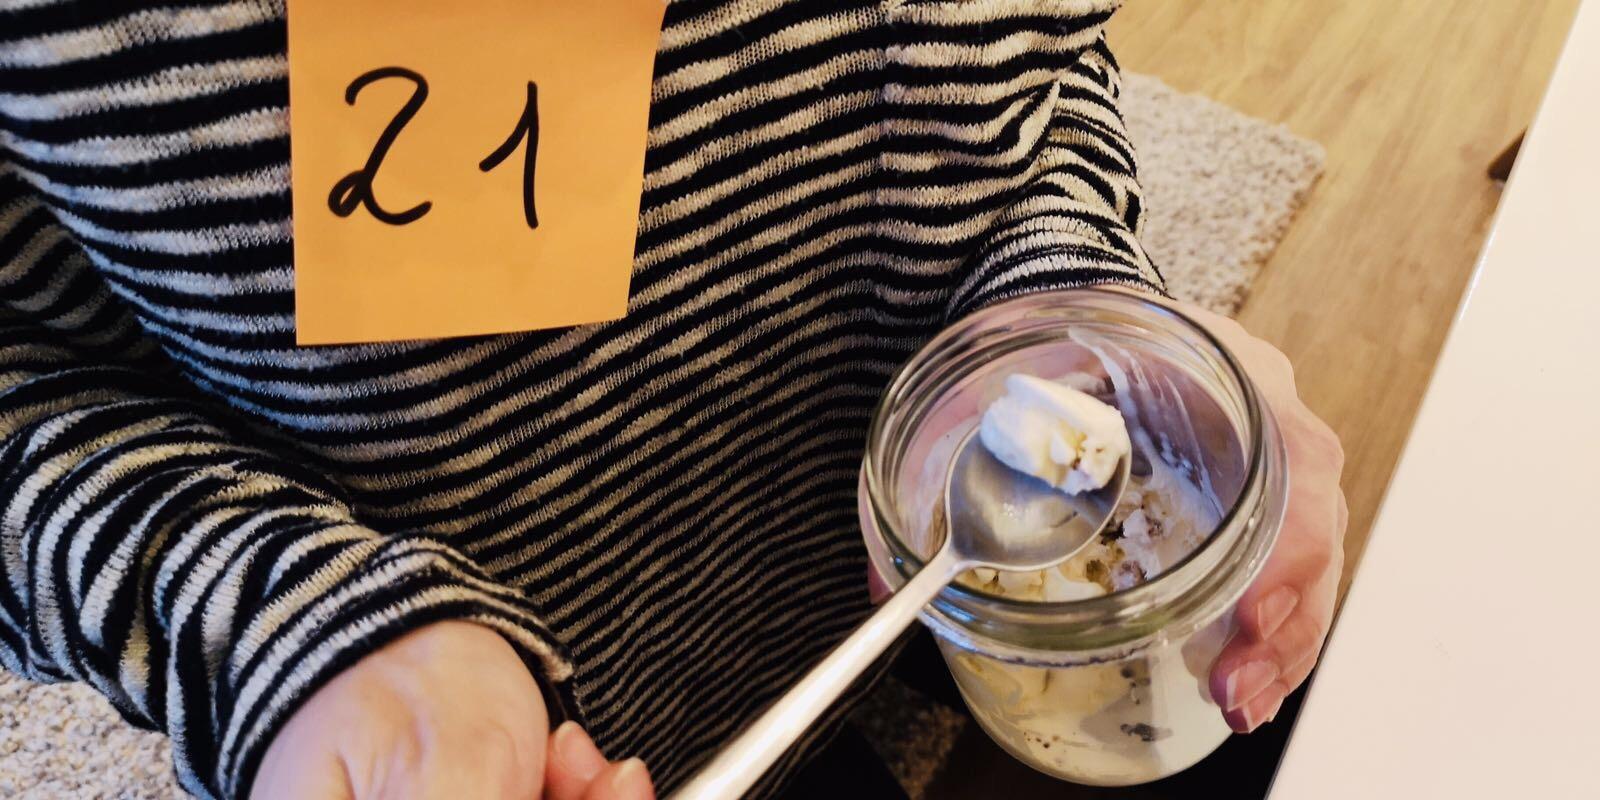 Tipp Nr. 21: Waffel oder Becher: die große Frage beim Eis essen.